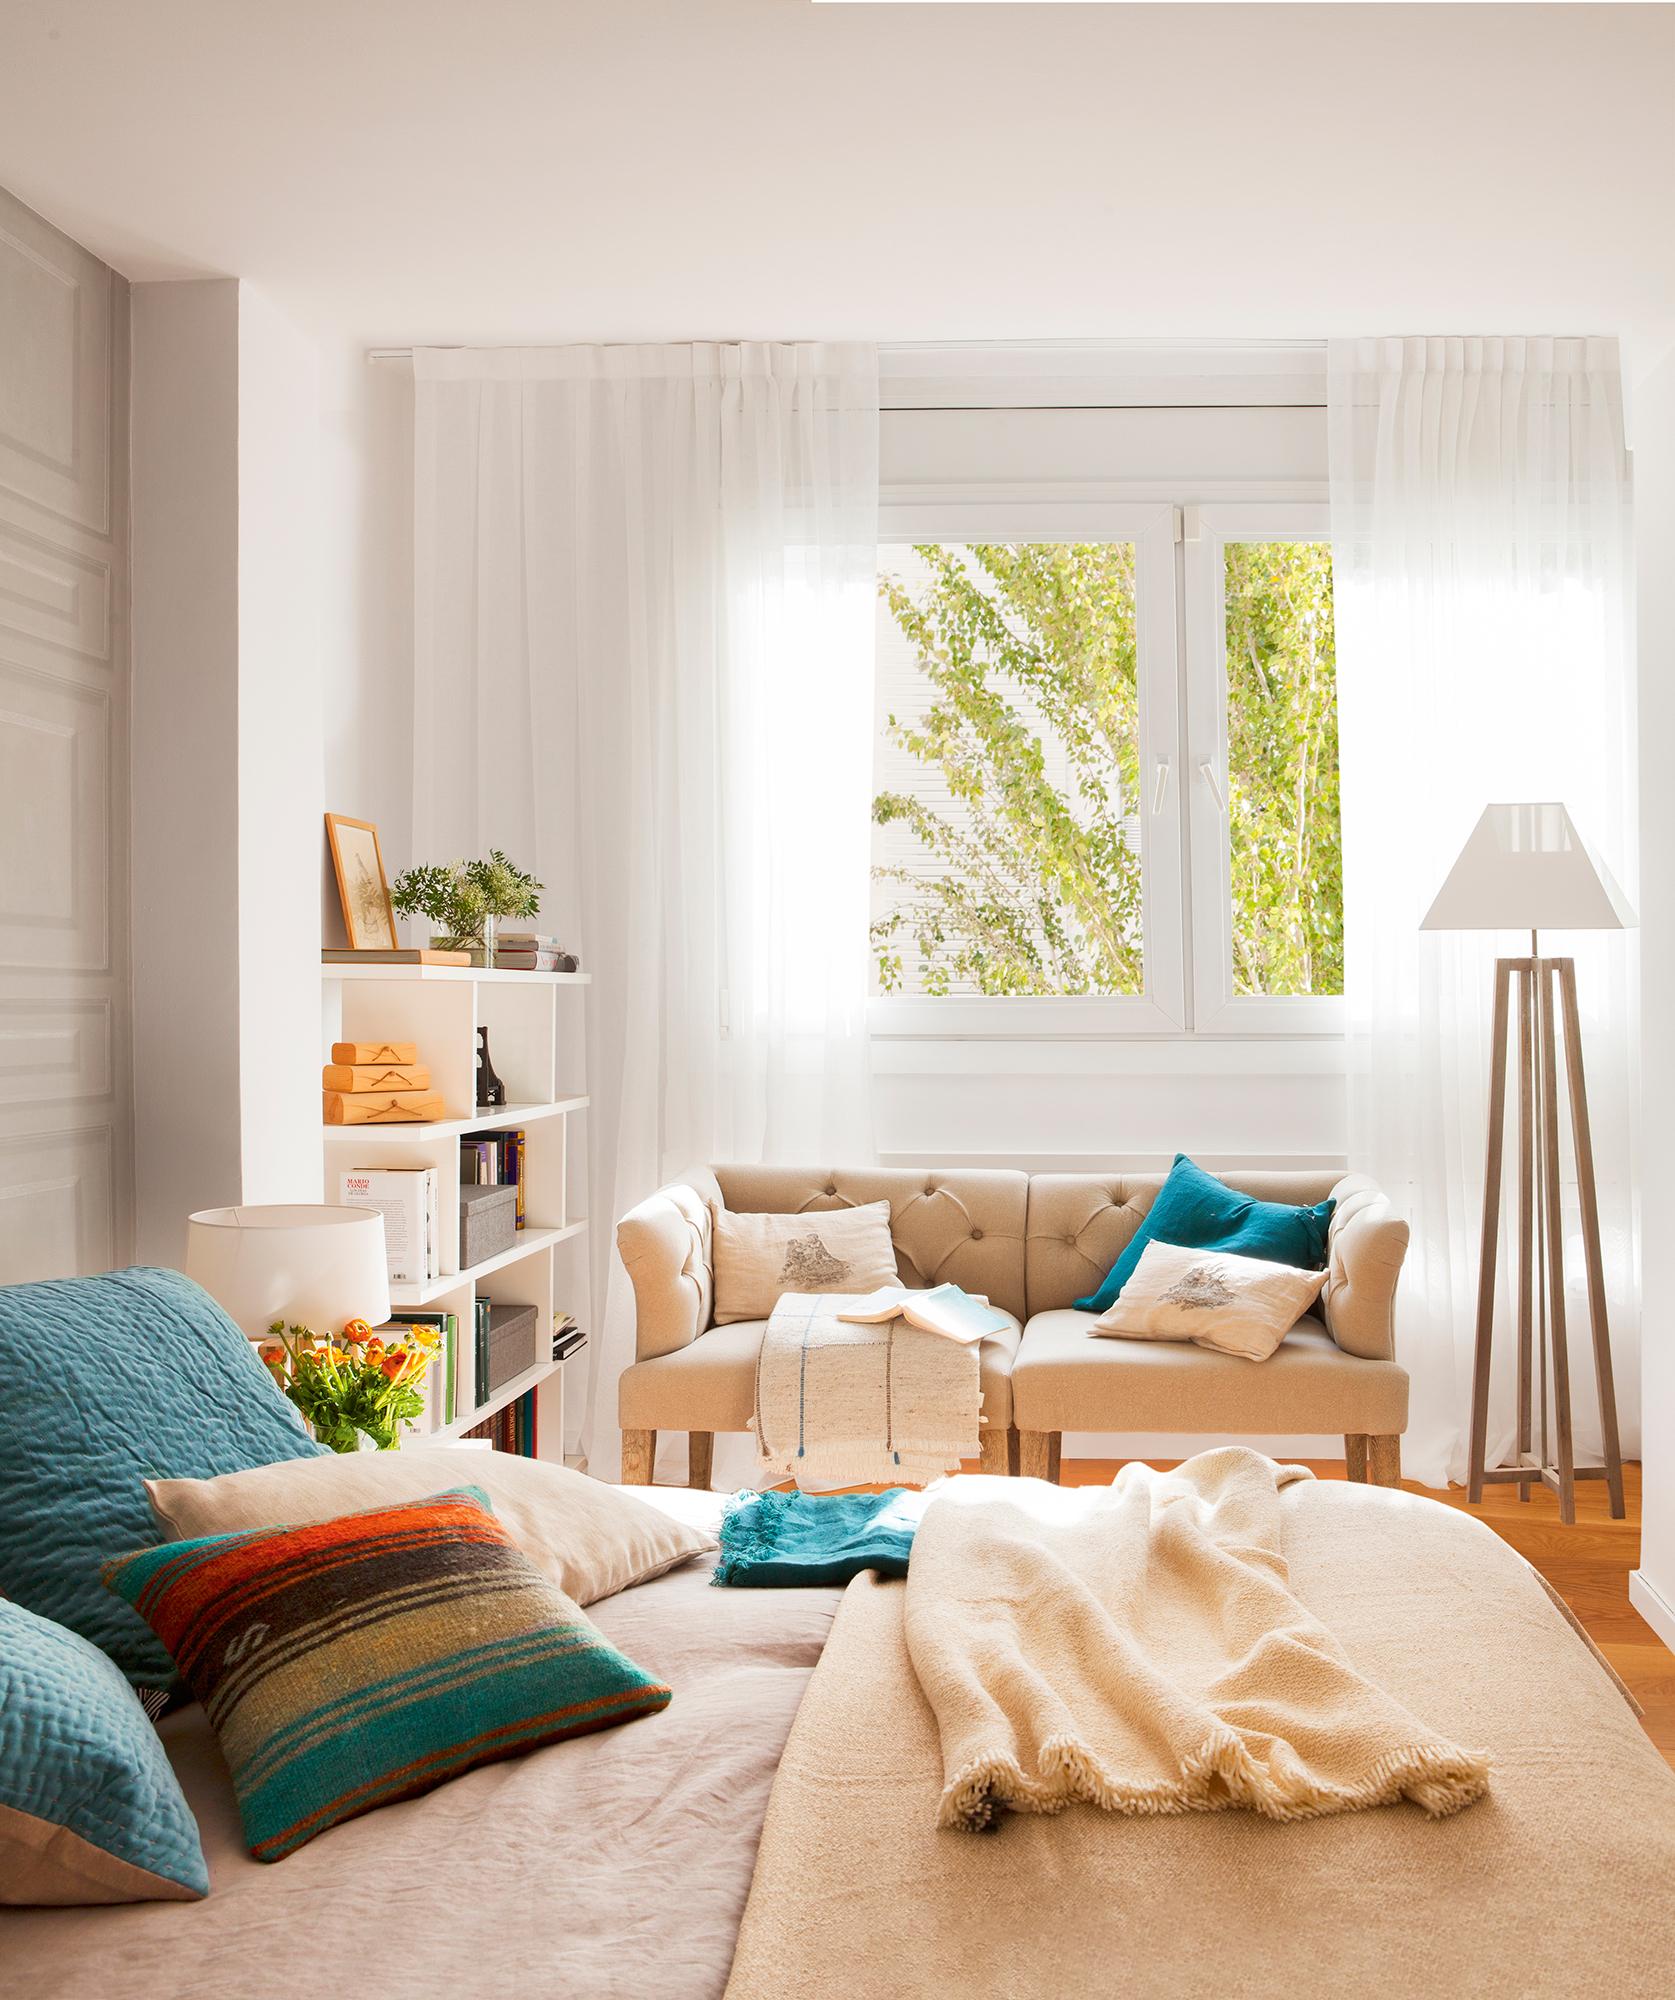 Guardar en el dormitorio m s de 15 ideas pr cticas y capaces for Sofa para dormitorio